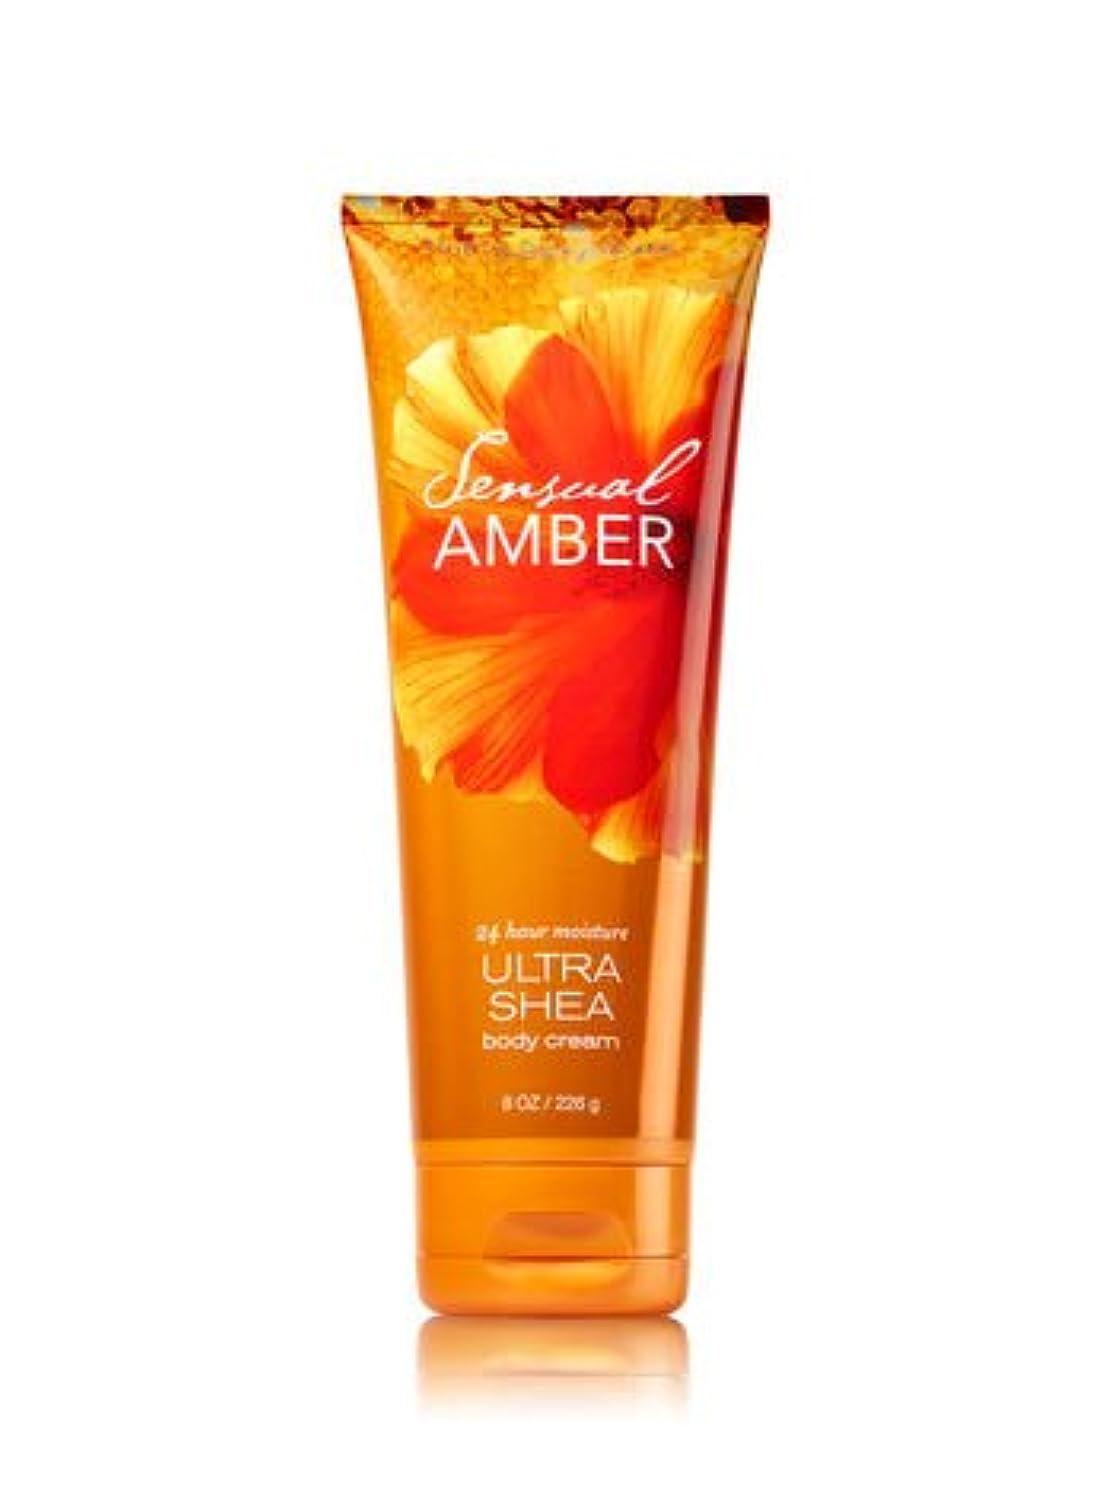 一節偽物ゴムBath & Body Works バスアンドボディワークス ボディクリーム 並行輸入 (Sensual Amber)